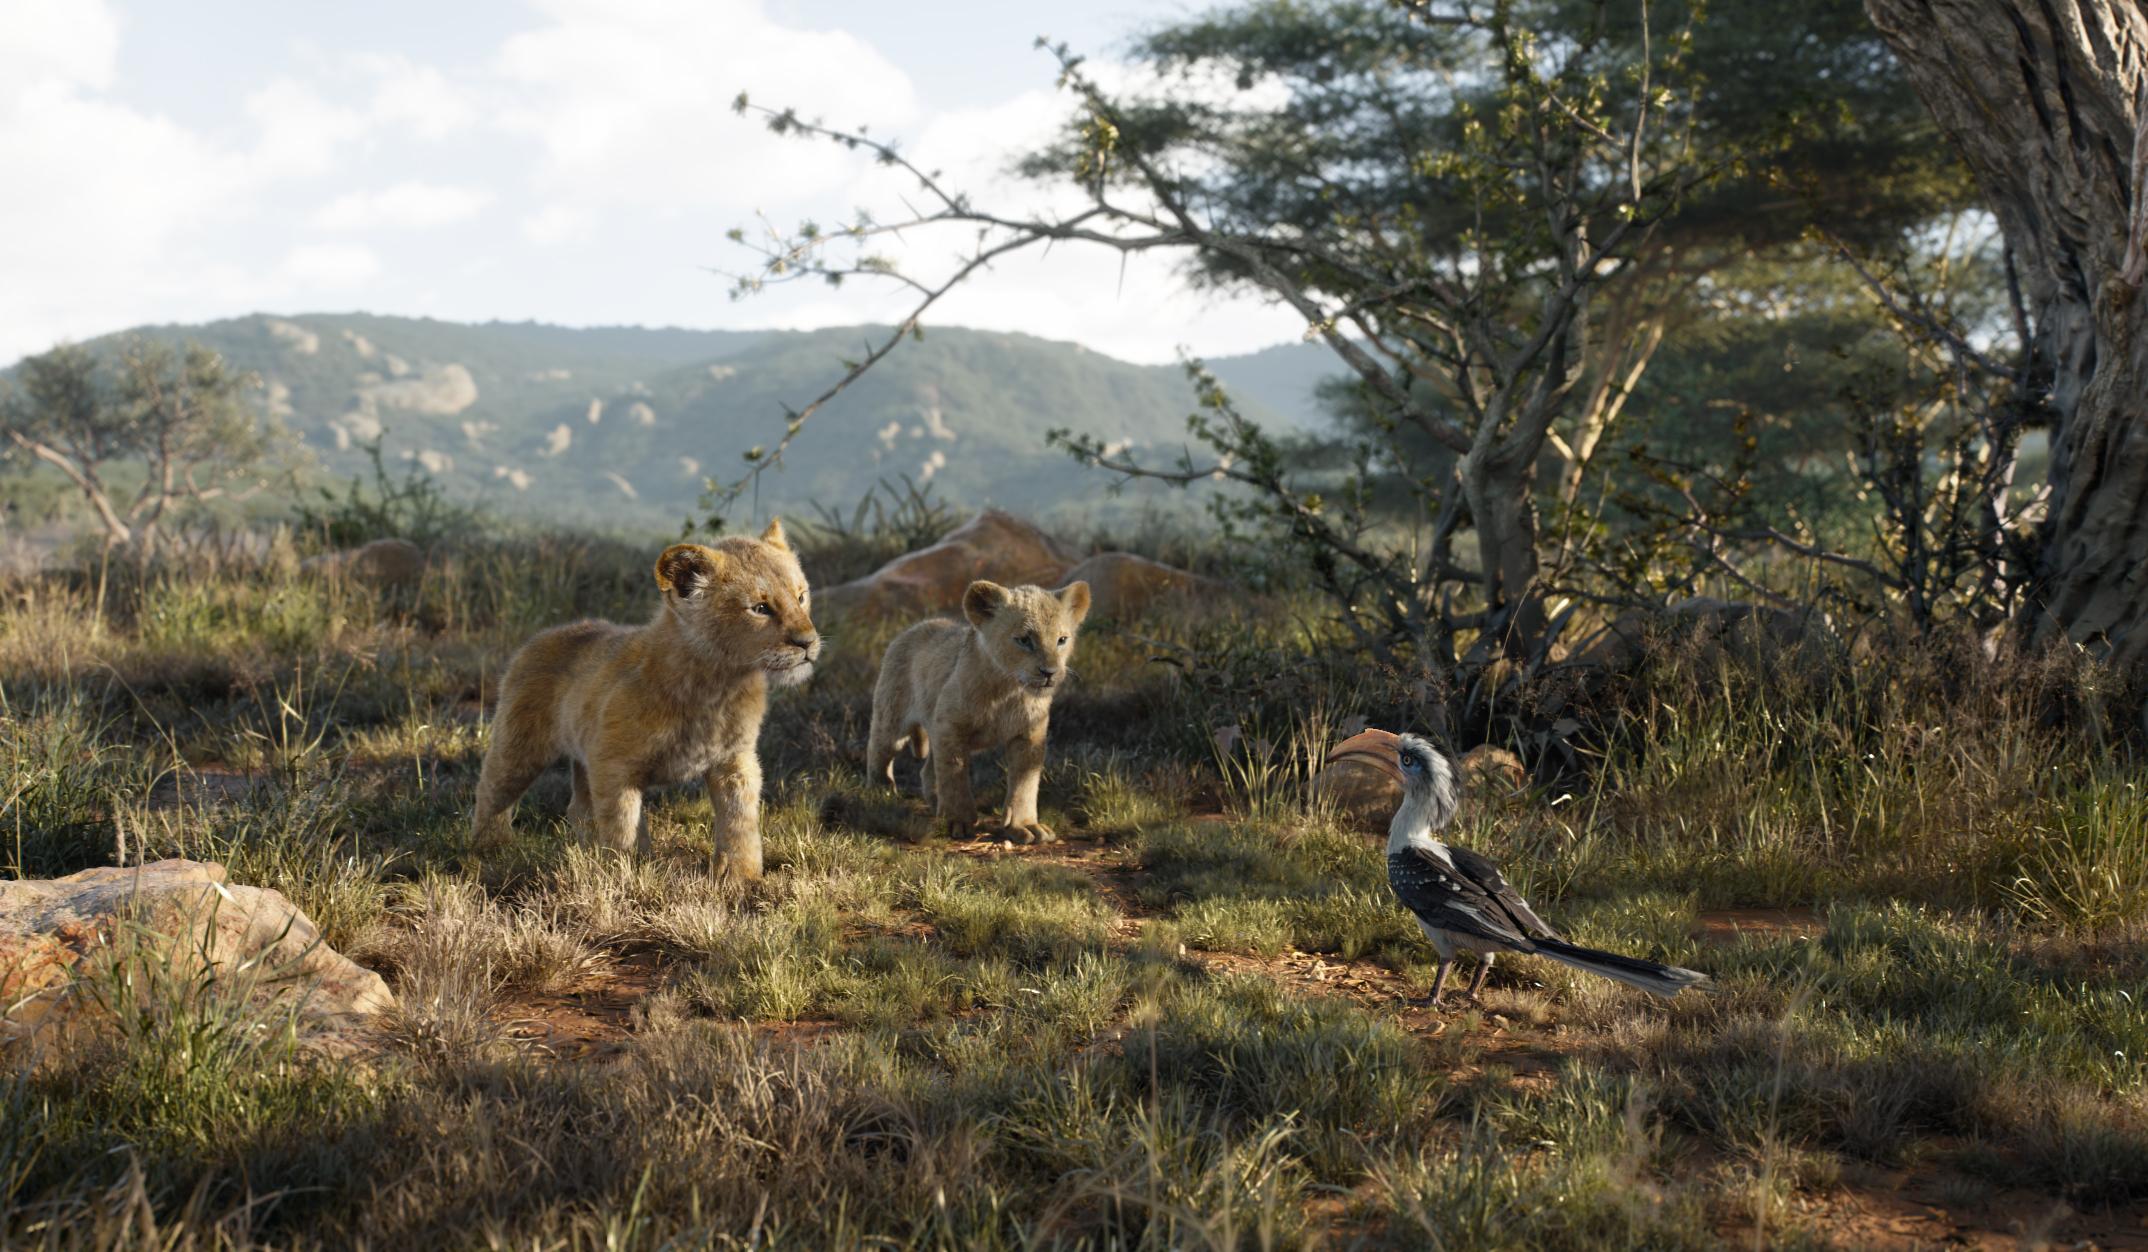 'The Lion King' Tops $130 Million Overseas